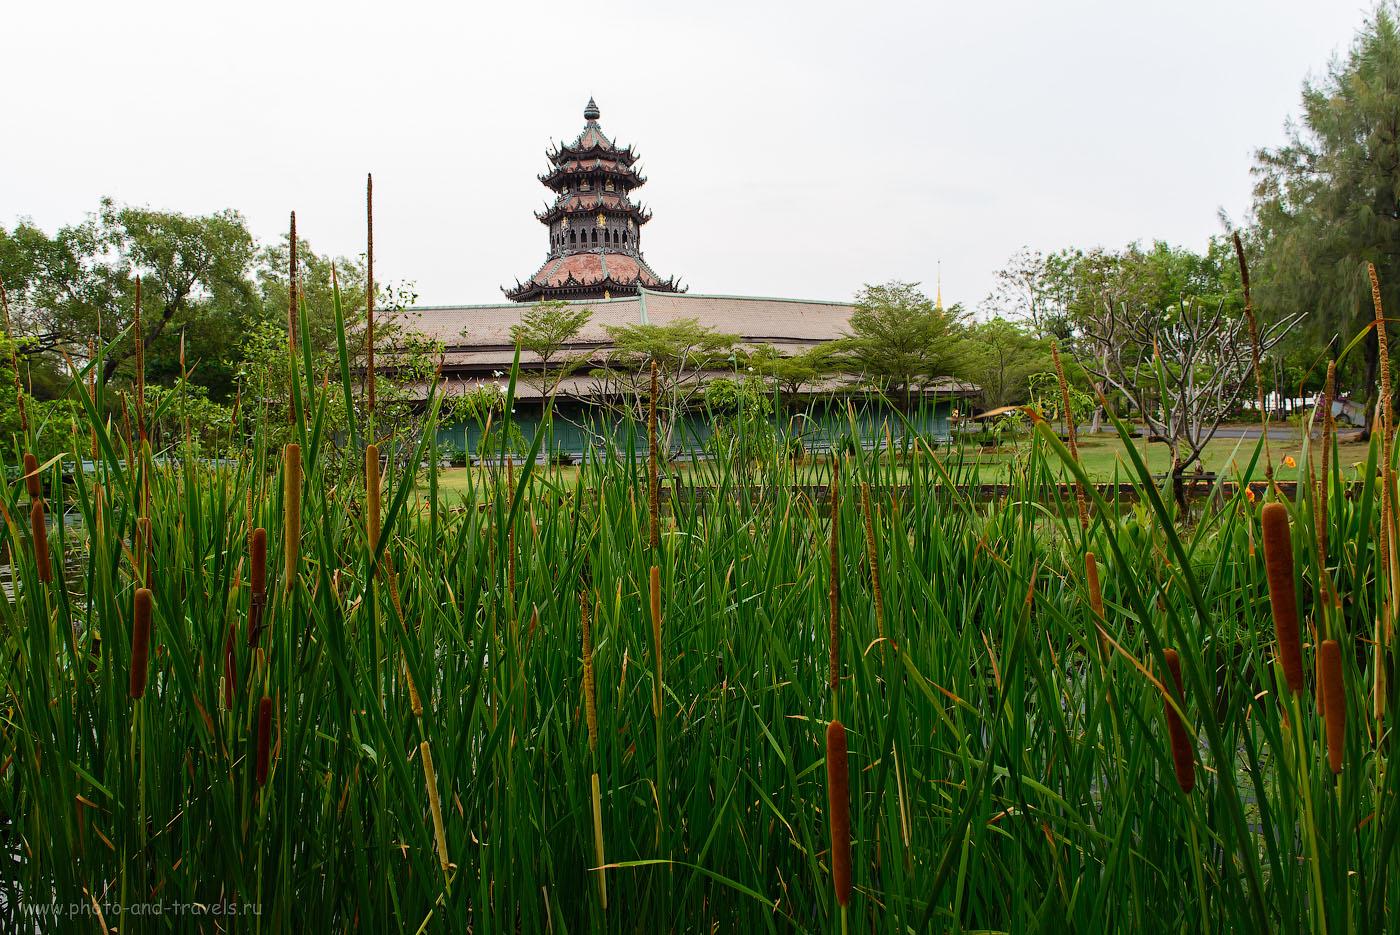 Фото 2. Рассказ об отдых в Таиланде. Поездка в парк Муанг Боран на окраине Бангкока. Phra Kaew Pavilion, 250, 24, 8.0, 1/80